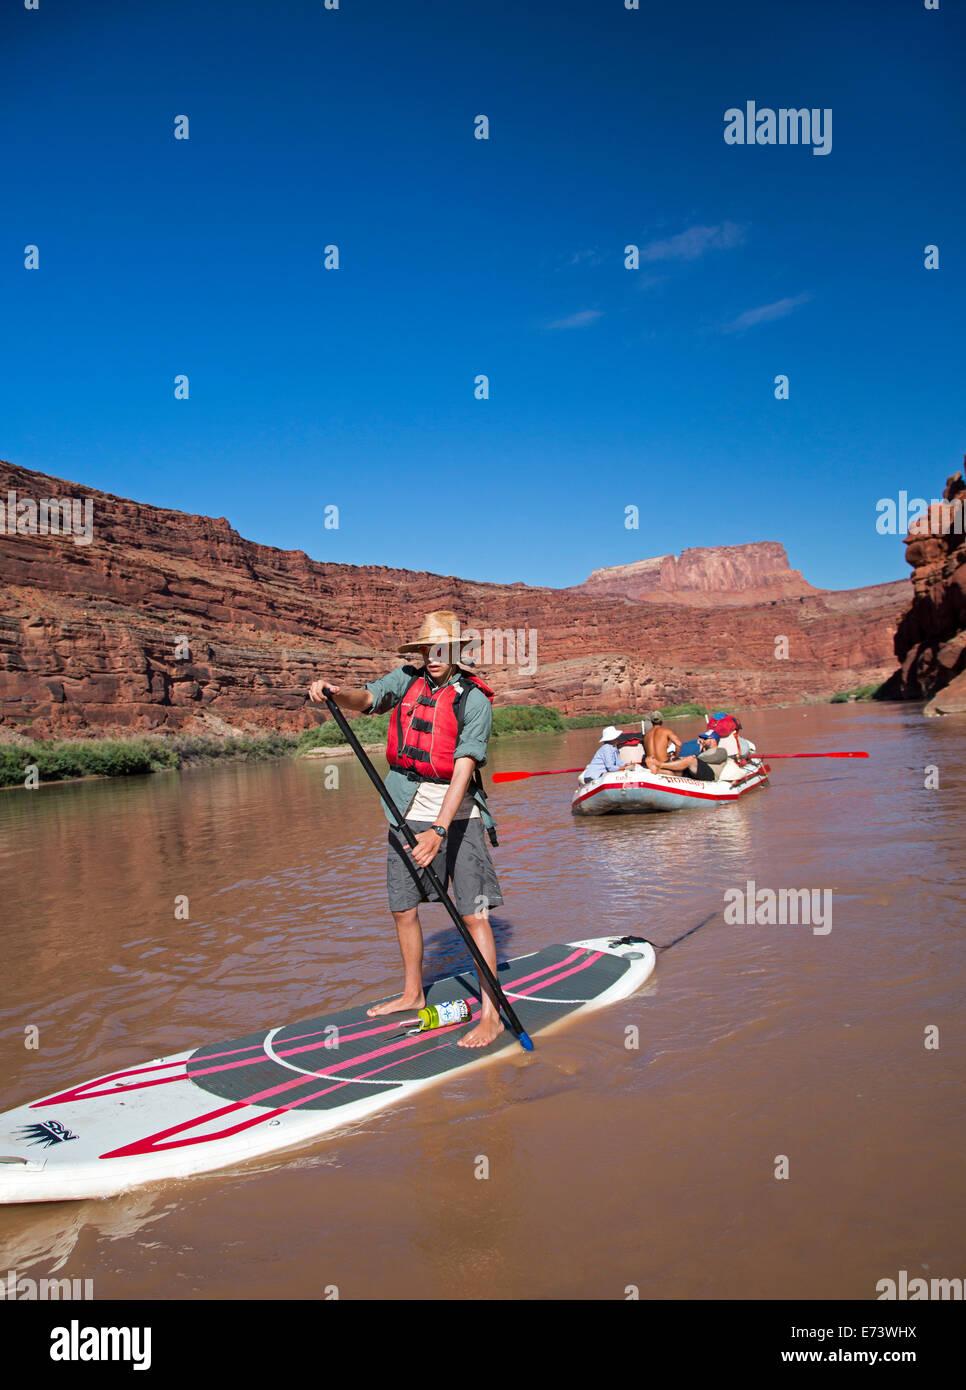 Il Parco Nazionale di Canyonlands, Utah - Joe West, 15, pagaie un gonfiabile stand up paddleboard durante un viaggio Immagini Stock